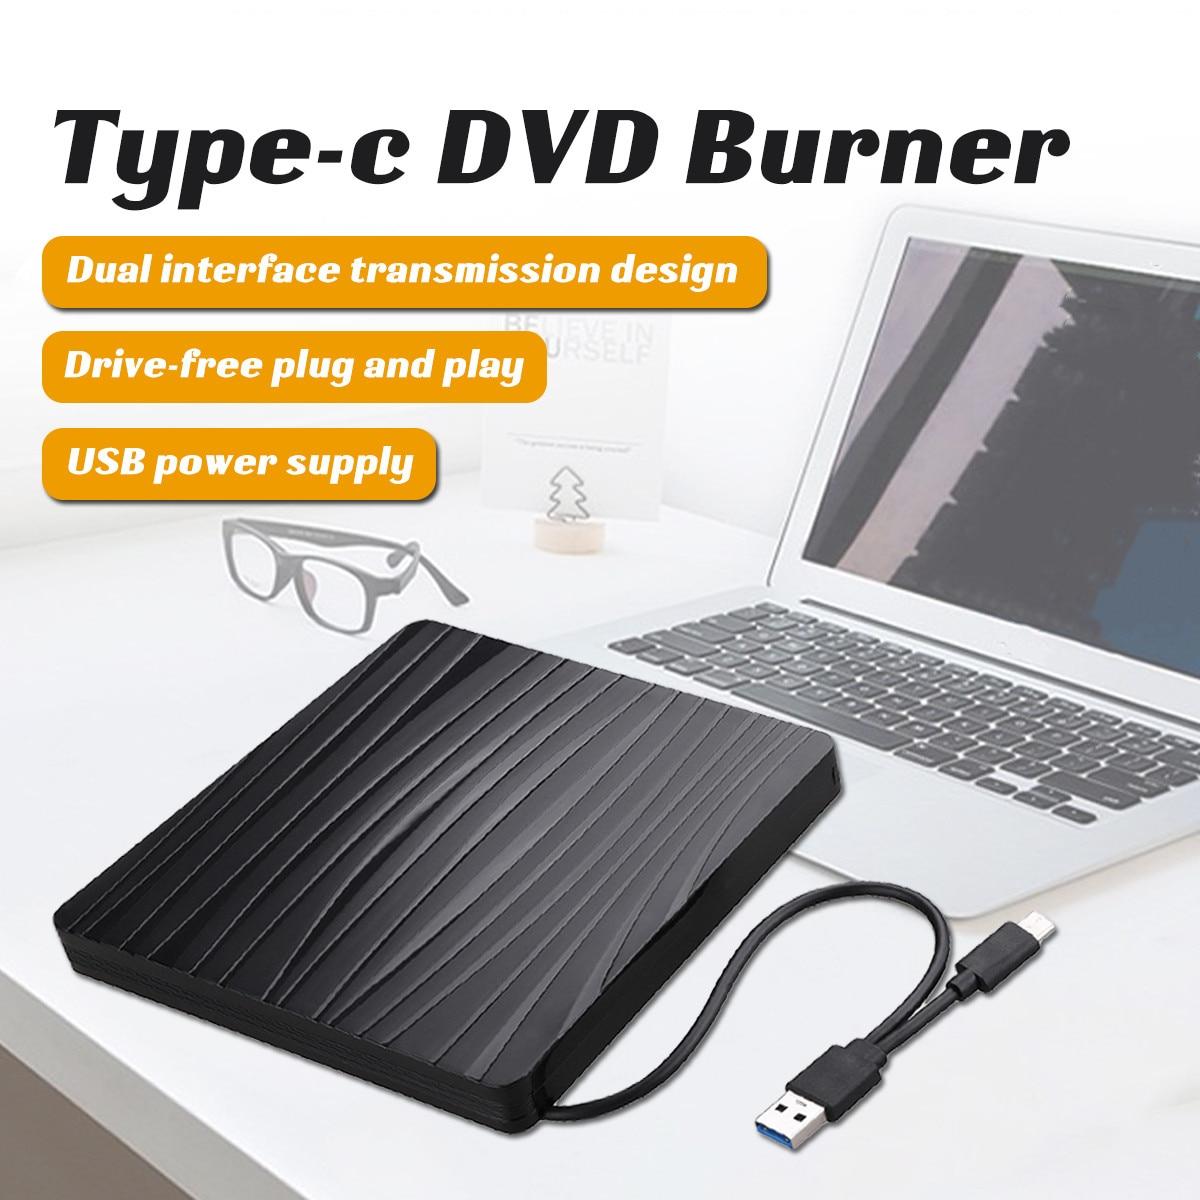 Unidad de DVD externa Unidad óptica USB 3,0 tipo C dos en uno REPRODUCTOR DE ROM grabadora de escritor quemador de CD-RW para ordenador portátil Windows PC F8331-smartphone Sony Xperia XZ F8331, Original libre, 4G LTE, 3GB de RAM de ROM, 32GB, Quad Core, Android 5,2